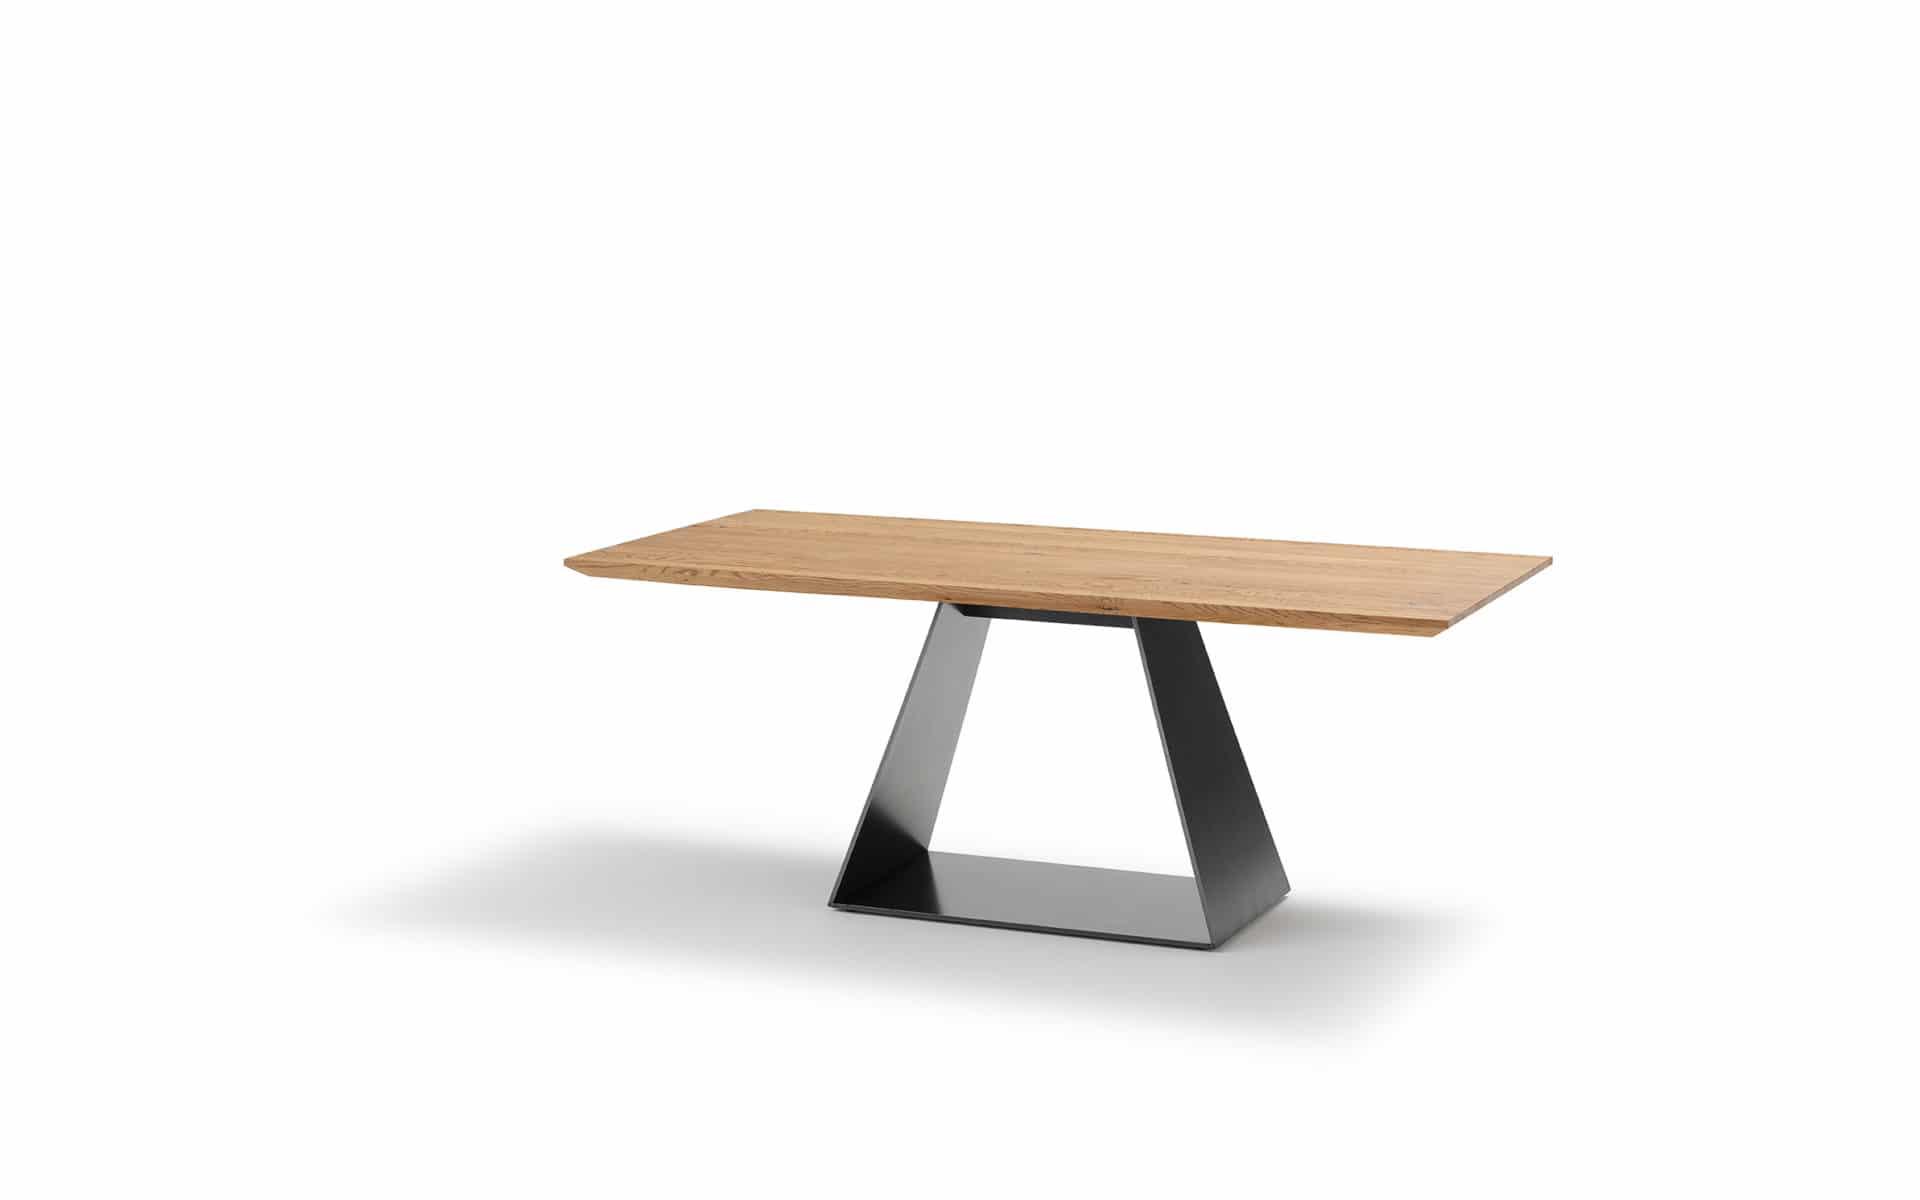 Outdoor Küche Metro : Tisch metro wohnwiese jette schlund ellingen